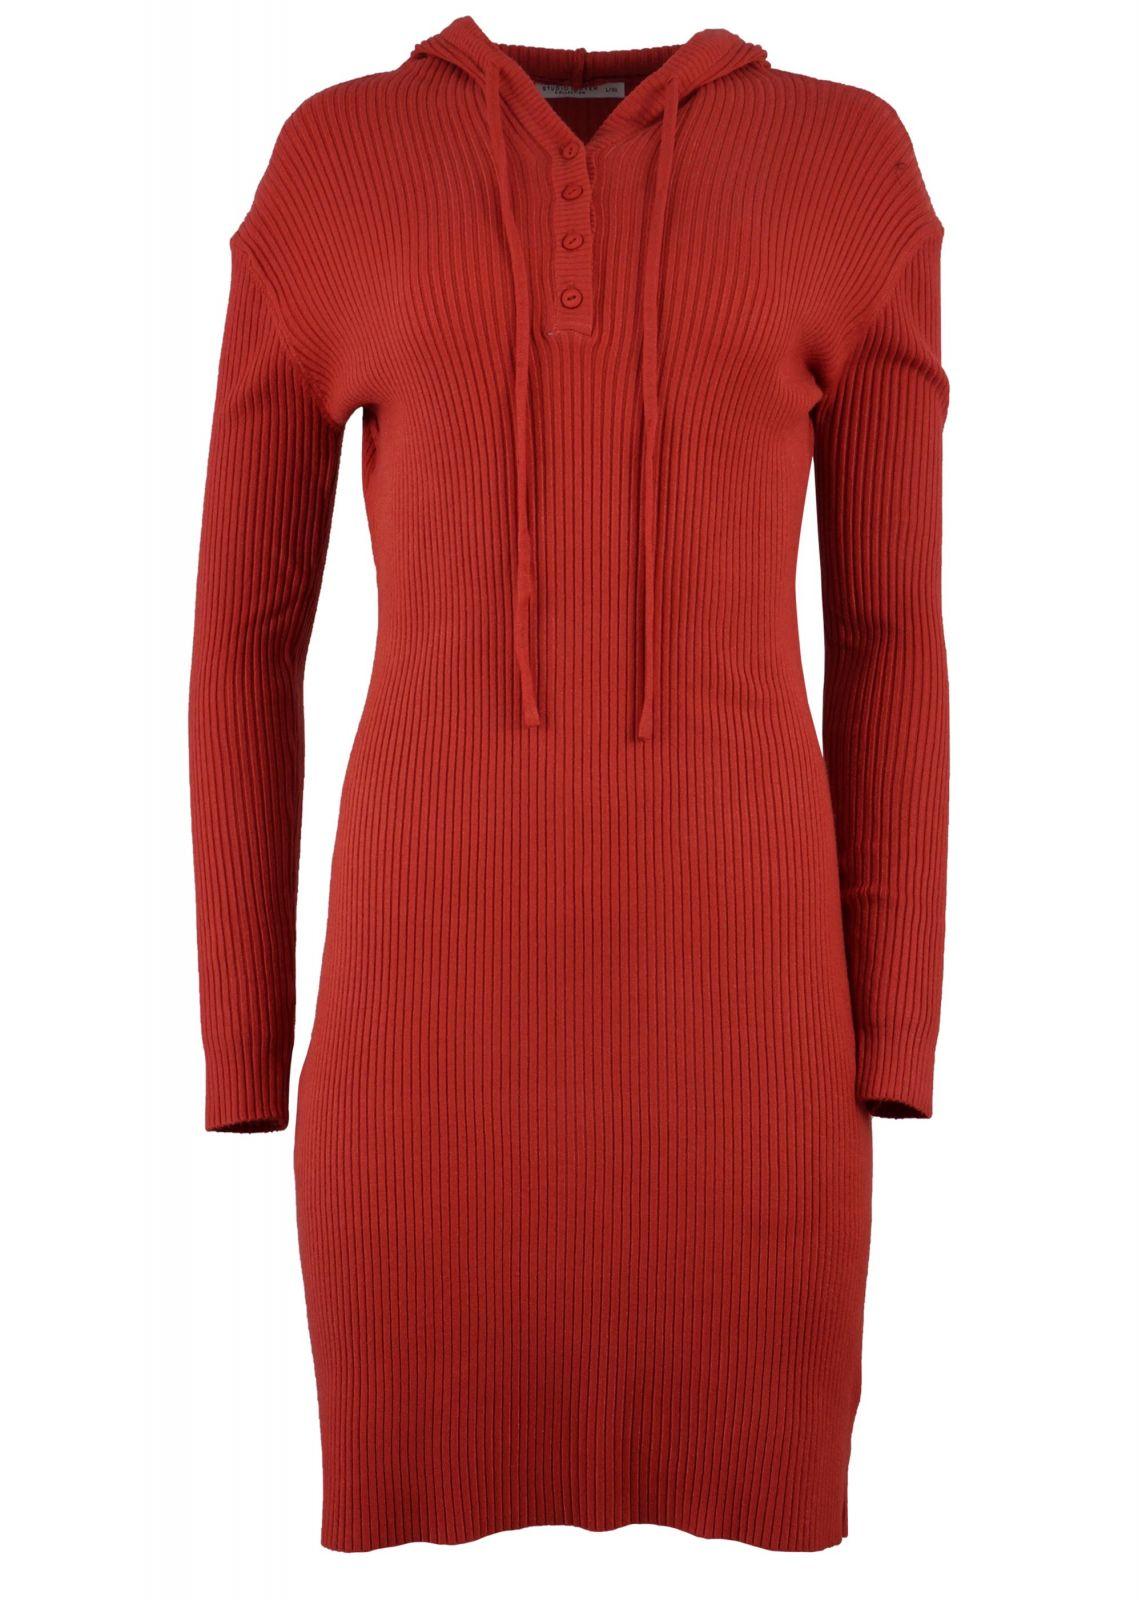 Γυναικείο φόρεμα ρίπ ελαστικό με κουκούλα. Casual Style. COPPER - gsecret -